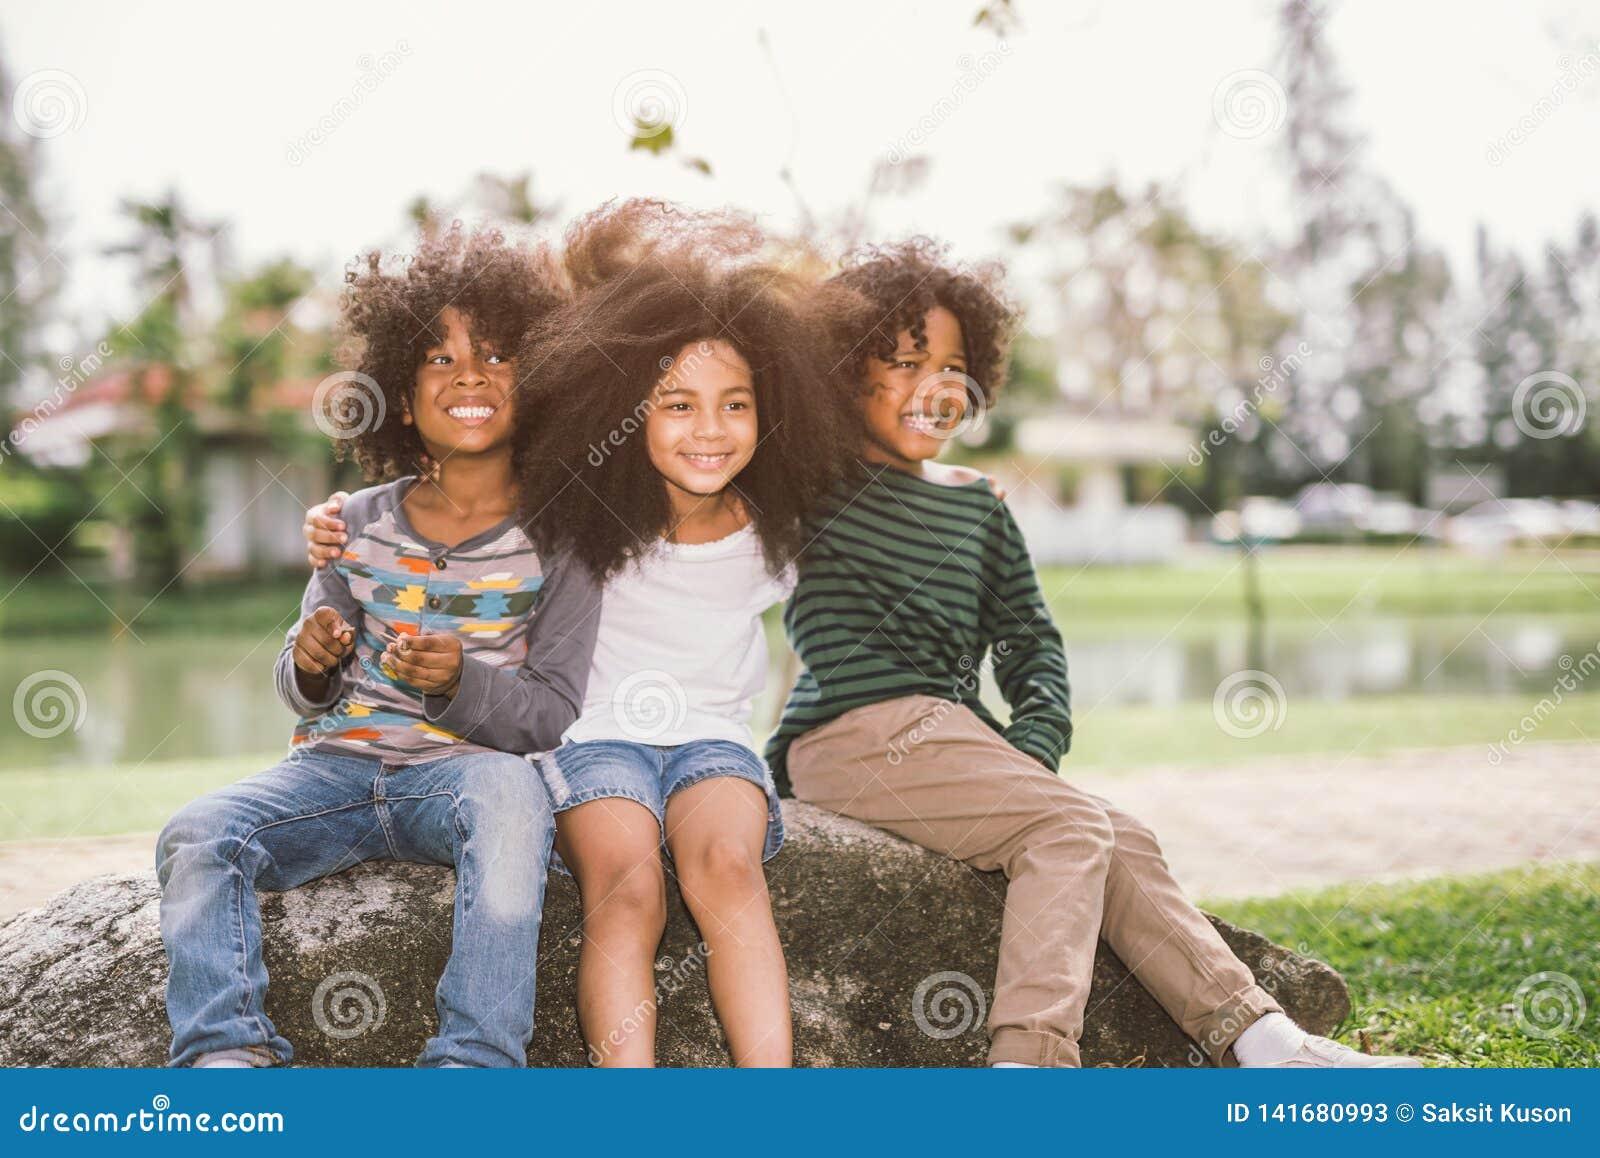 Kleiner Junge und Mädchen des netten Afroamerikaners umarmen sich am sonnigen Tag des Sommers